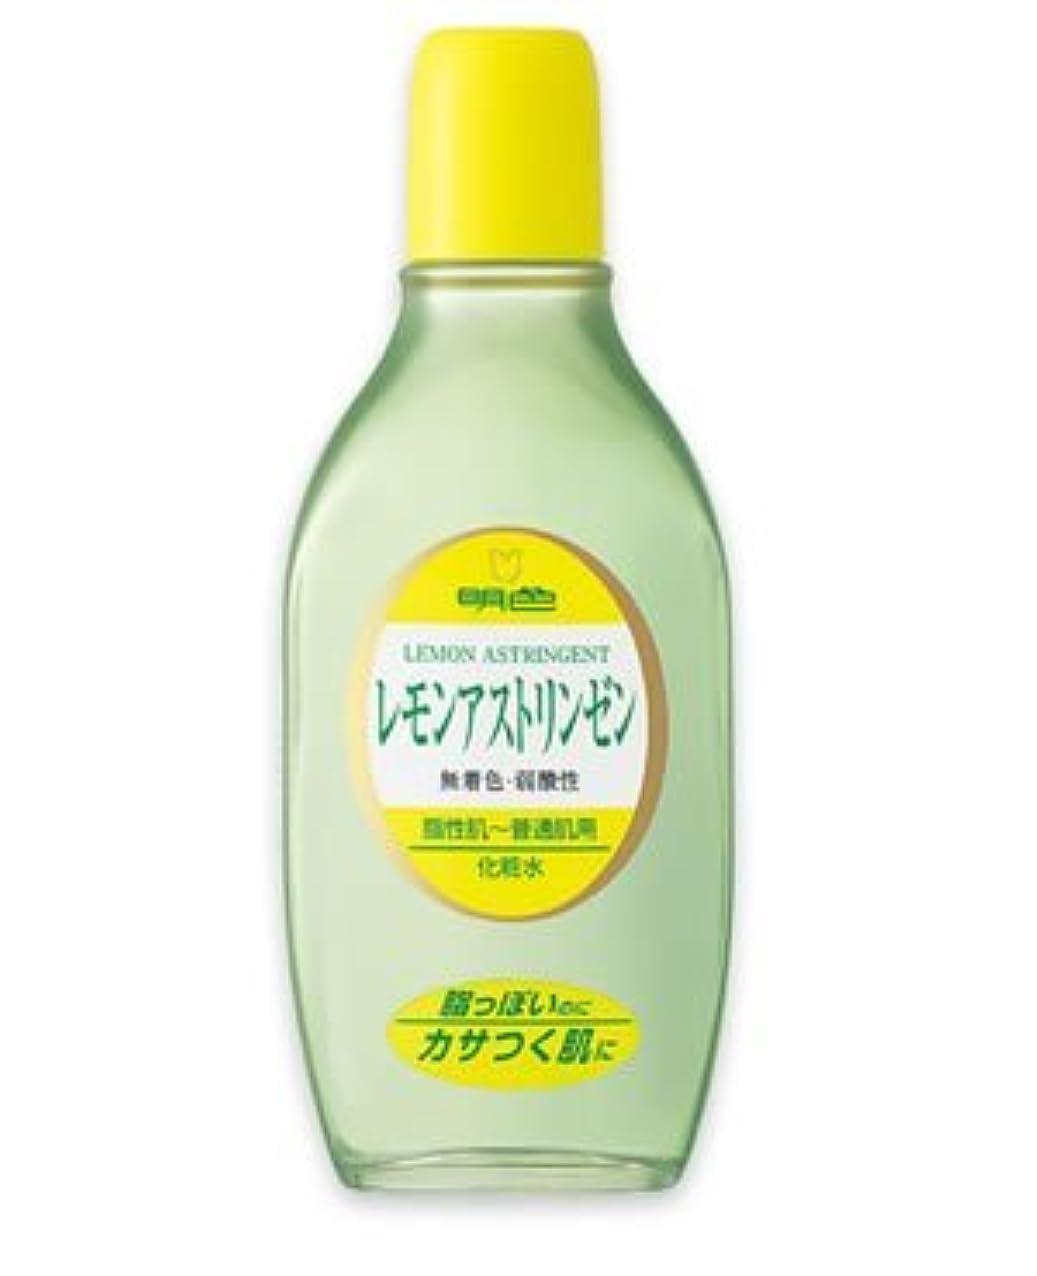 高尚な限りなくトランスミッション(明色)レモンアストリンゼン 170ml(お買い得3本セット)